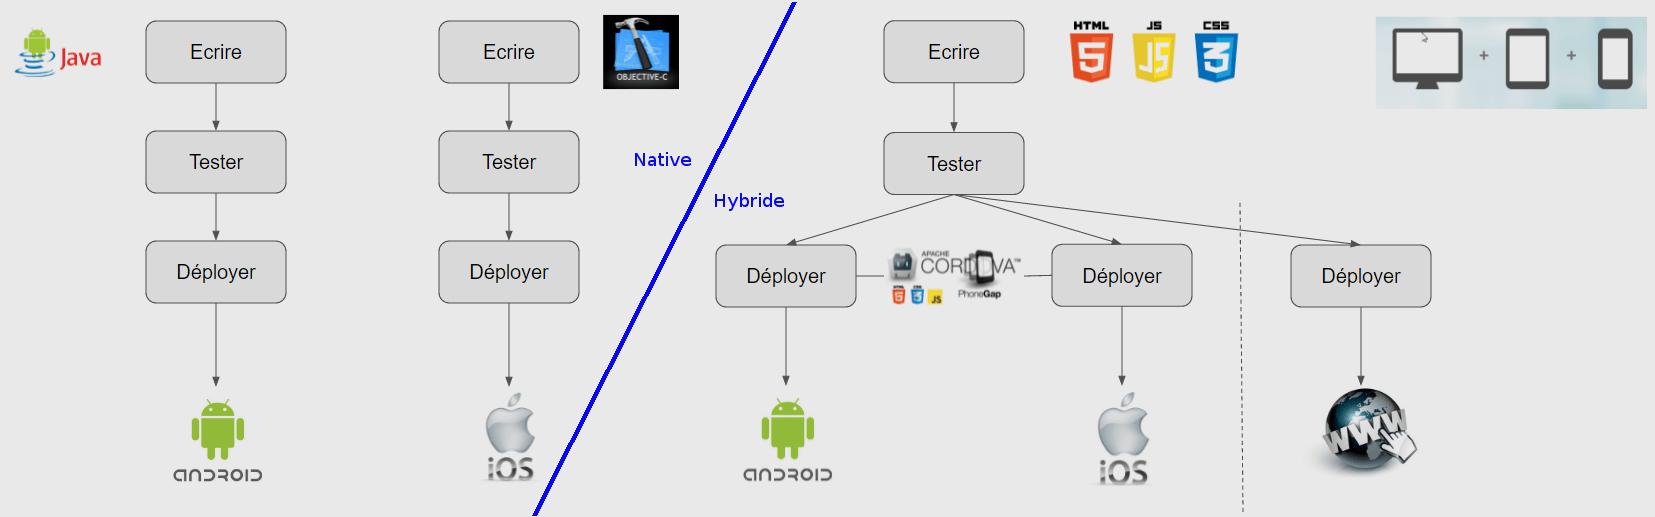 Développement d'application mobile native ou hybride